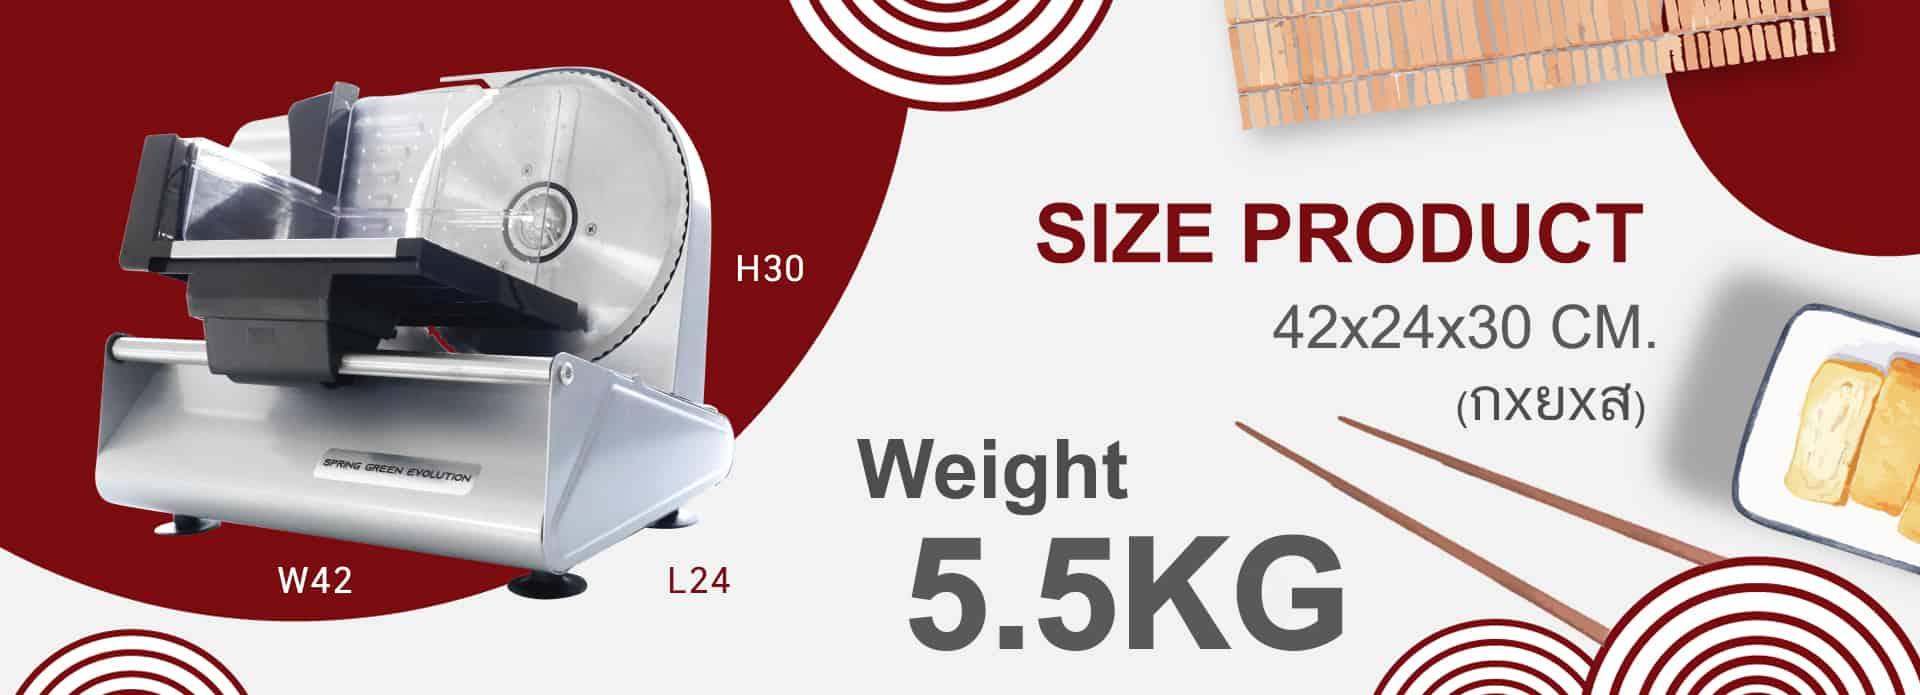 เครื่องสไลด์เนื้อ-เครื่องสไลด์หมู-MS06-ราคา-3850-Meat-slicer-Meat-slicer-size-ขนาด